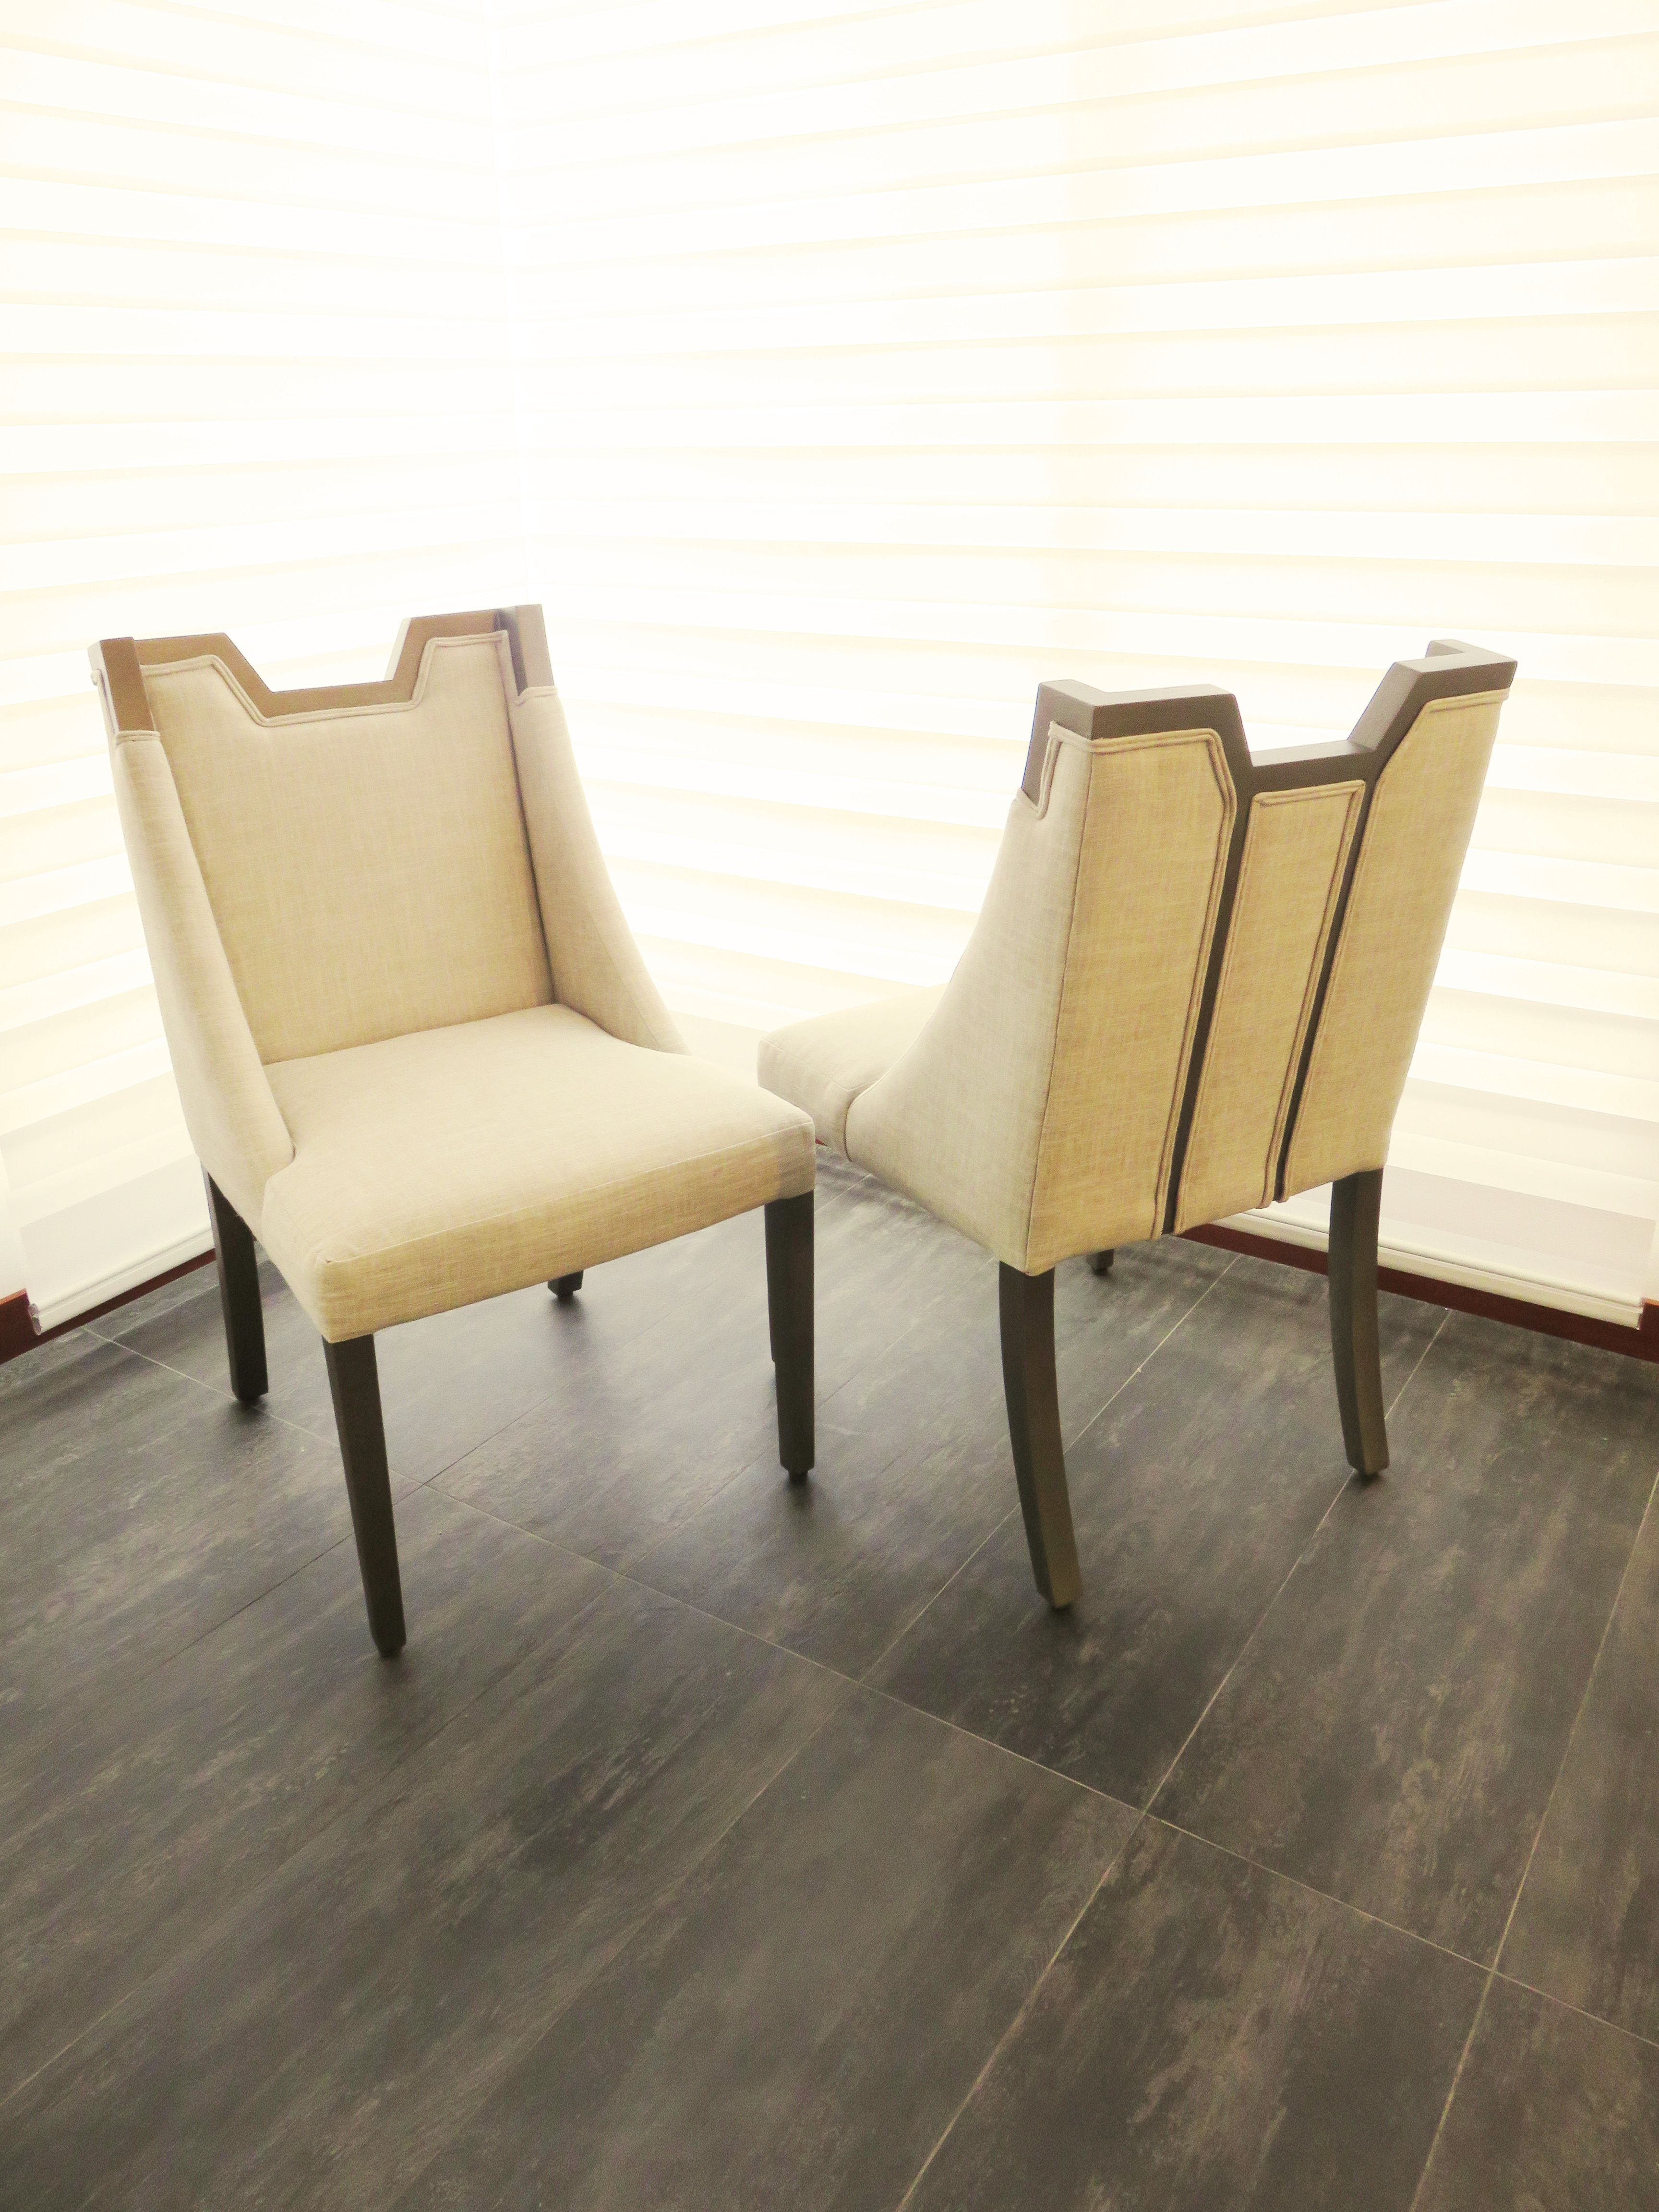 Dining chairs Sillas de edor estilizadas y modernas con